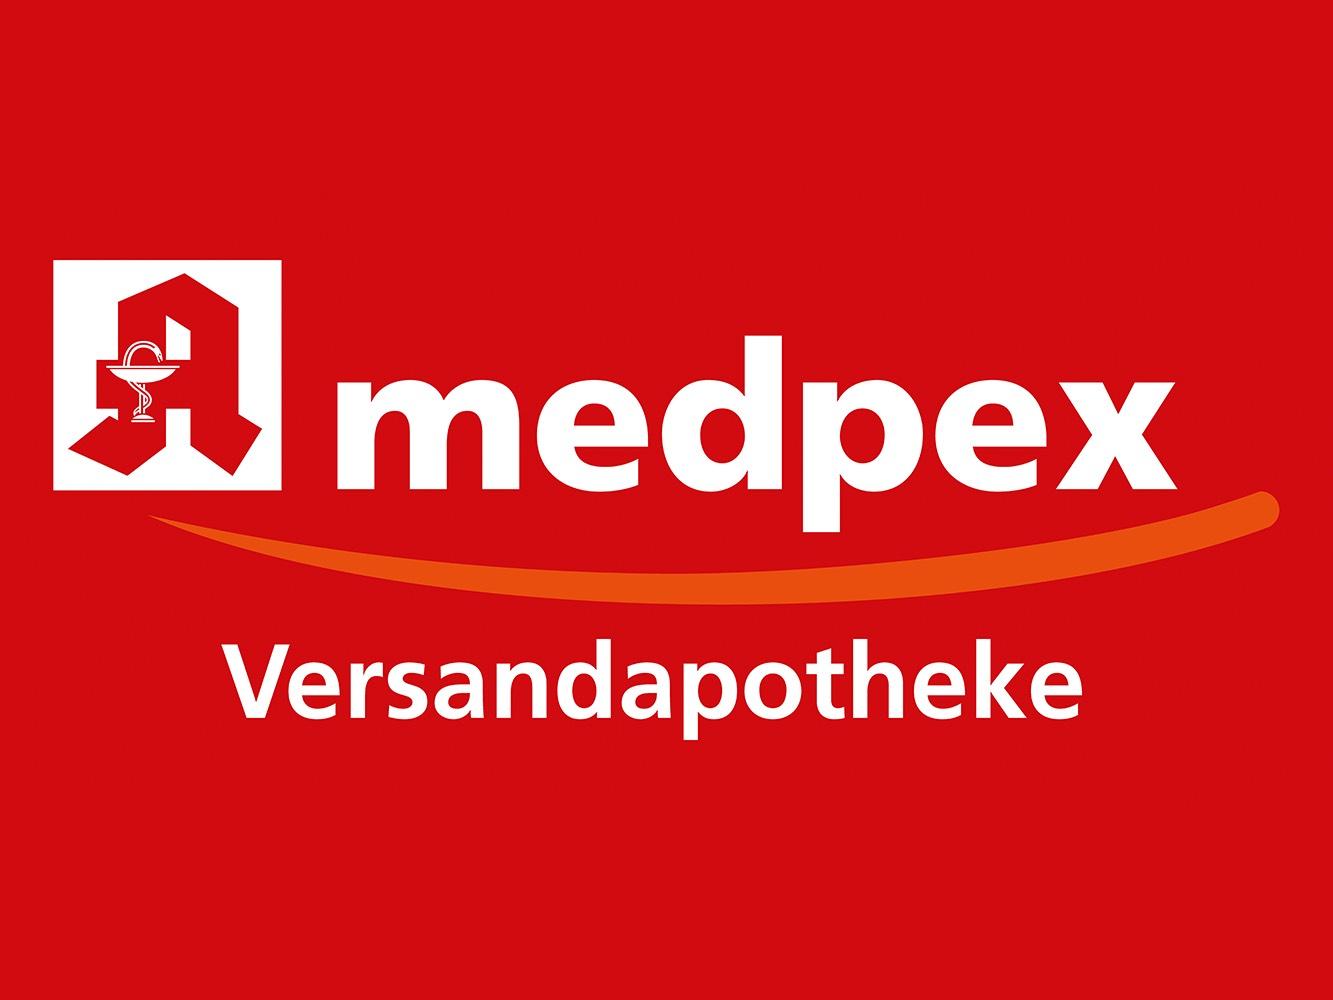 medpex - 10% ab 15€ MBW